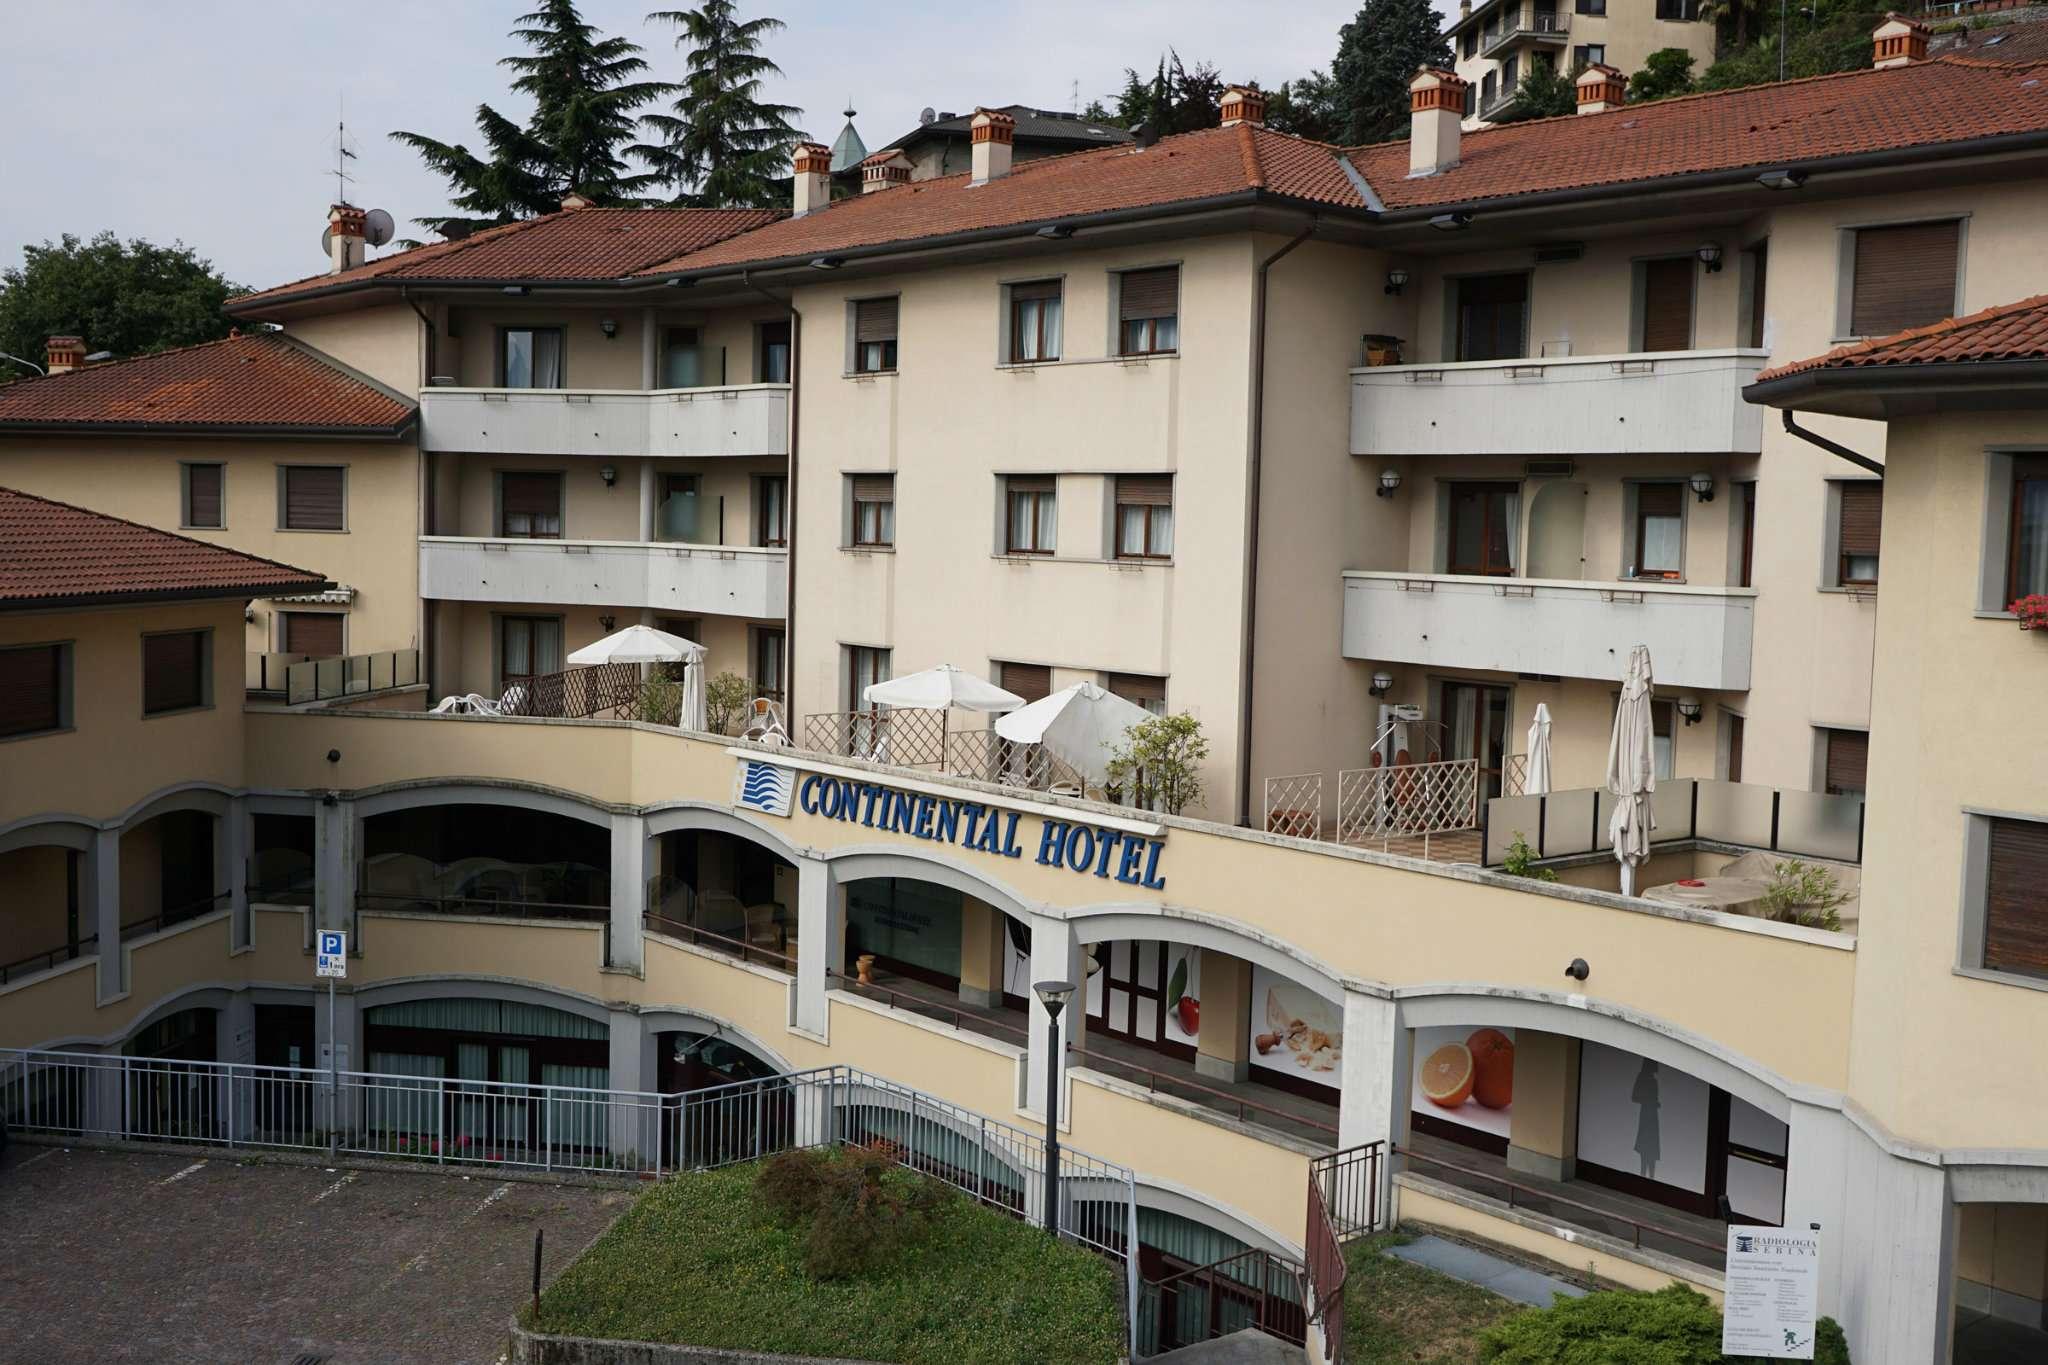 Appartamento in vendita a Lovere, 3 locali, prezzo € 200.000   Cambio Casa.it